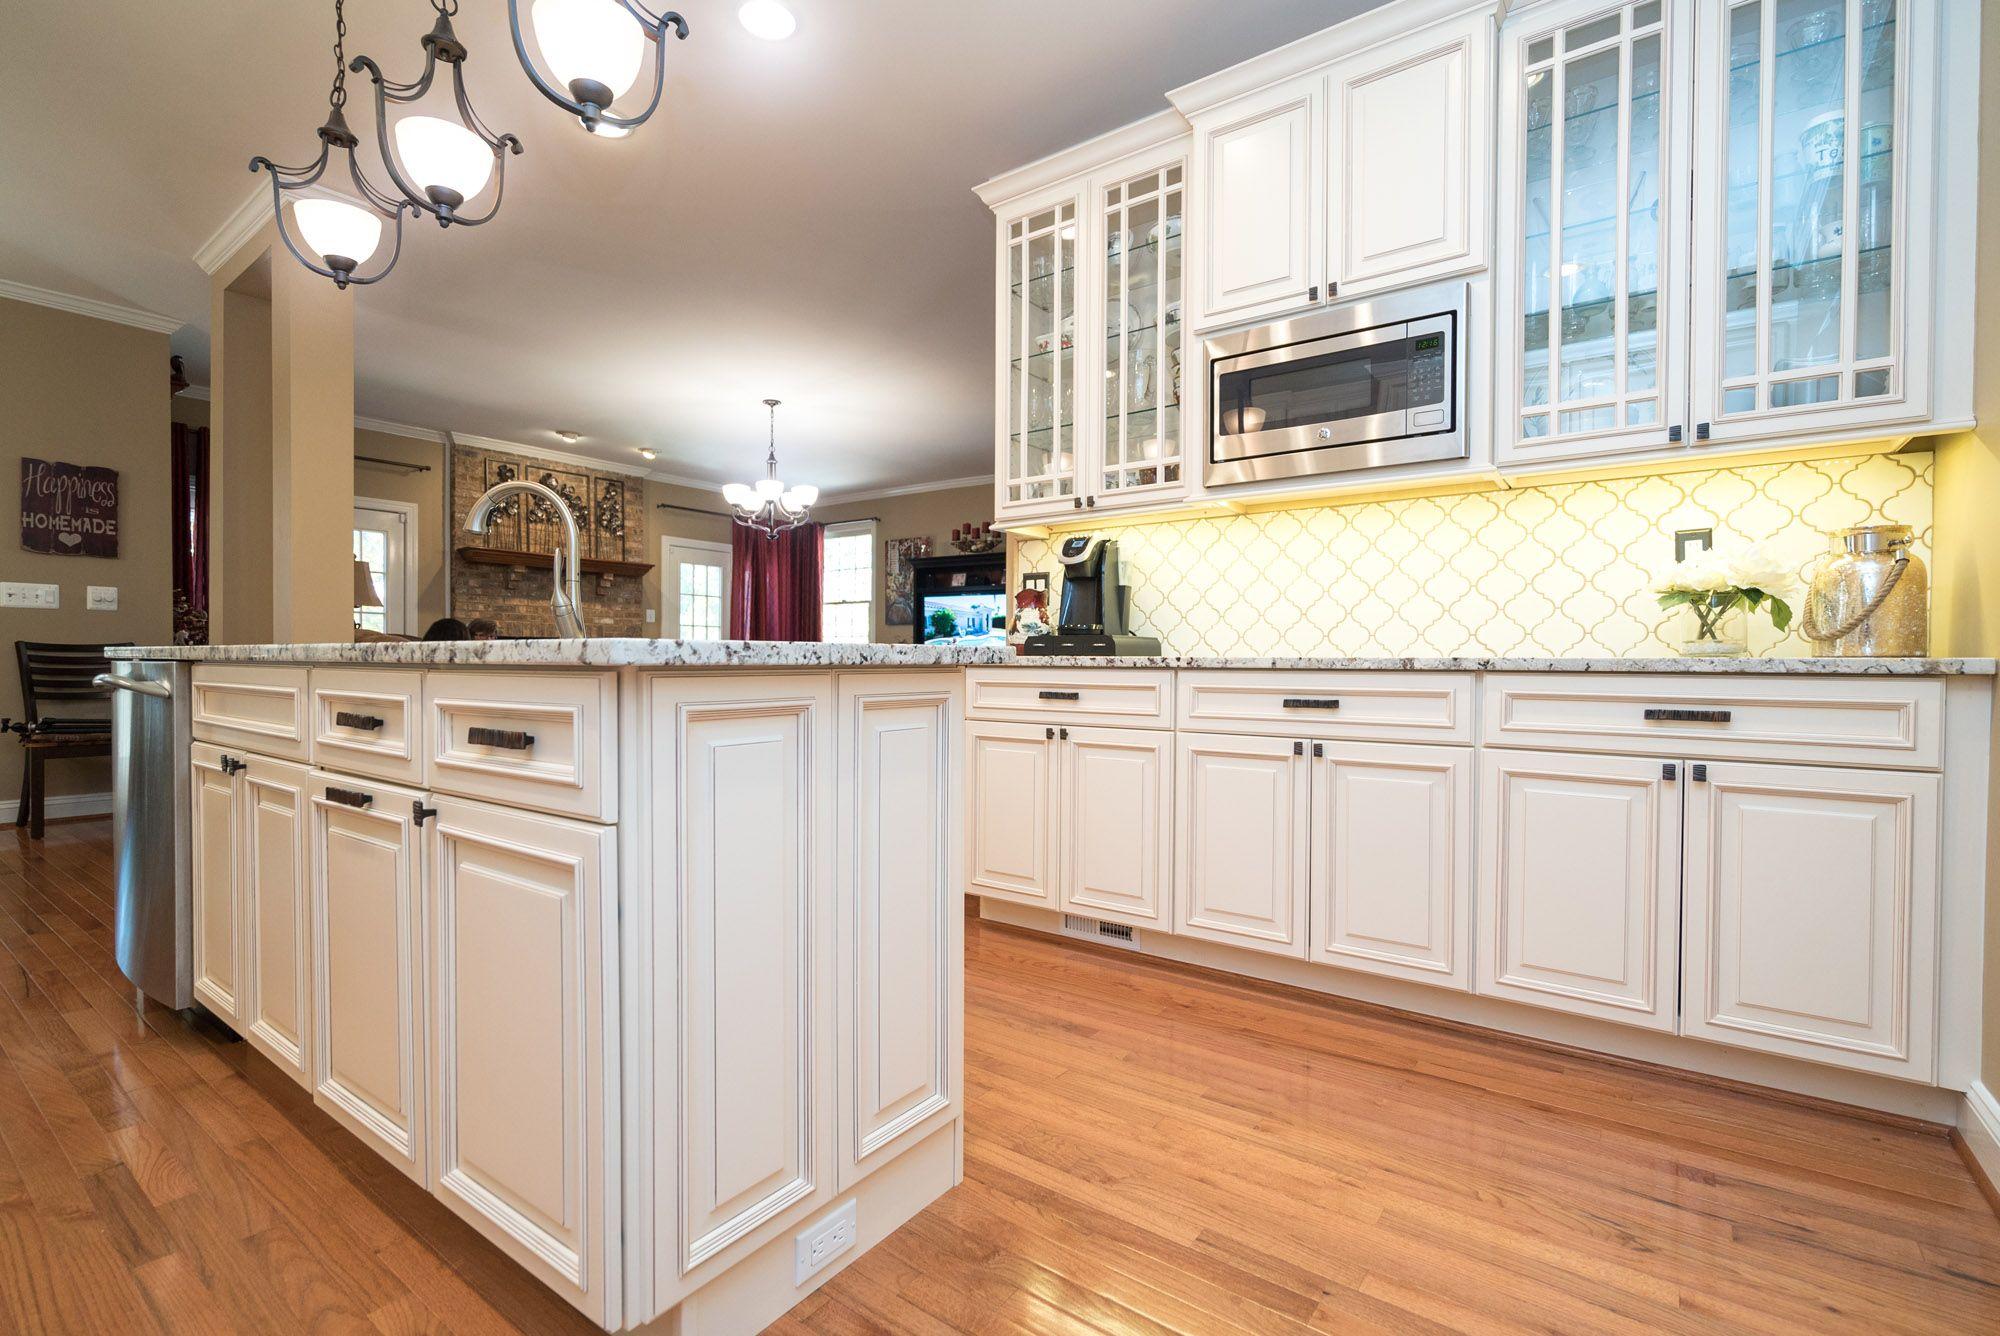 Kitchen remodeling in Leesburg VA Kitchen remodeling